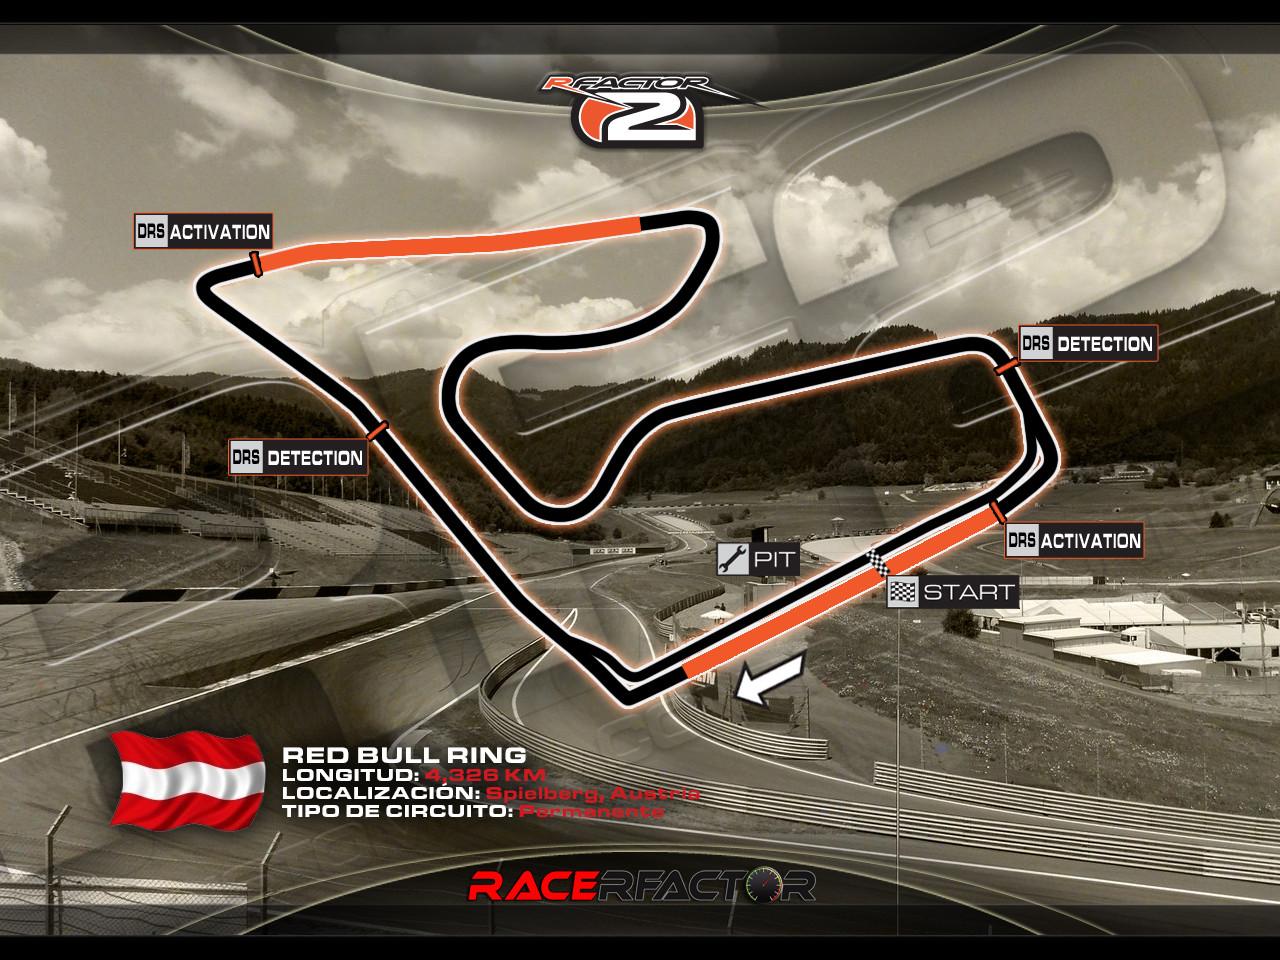 RaceRfactor Austria 2014